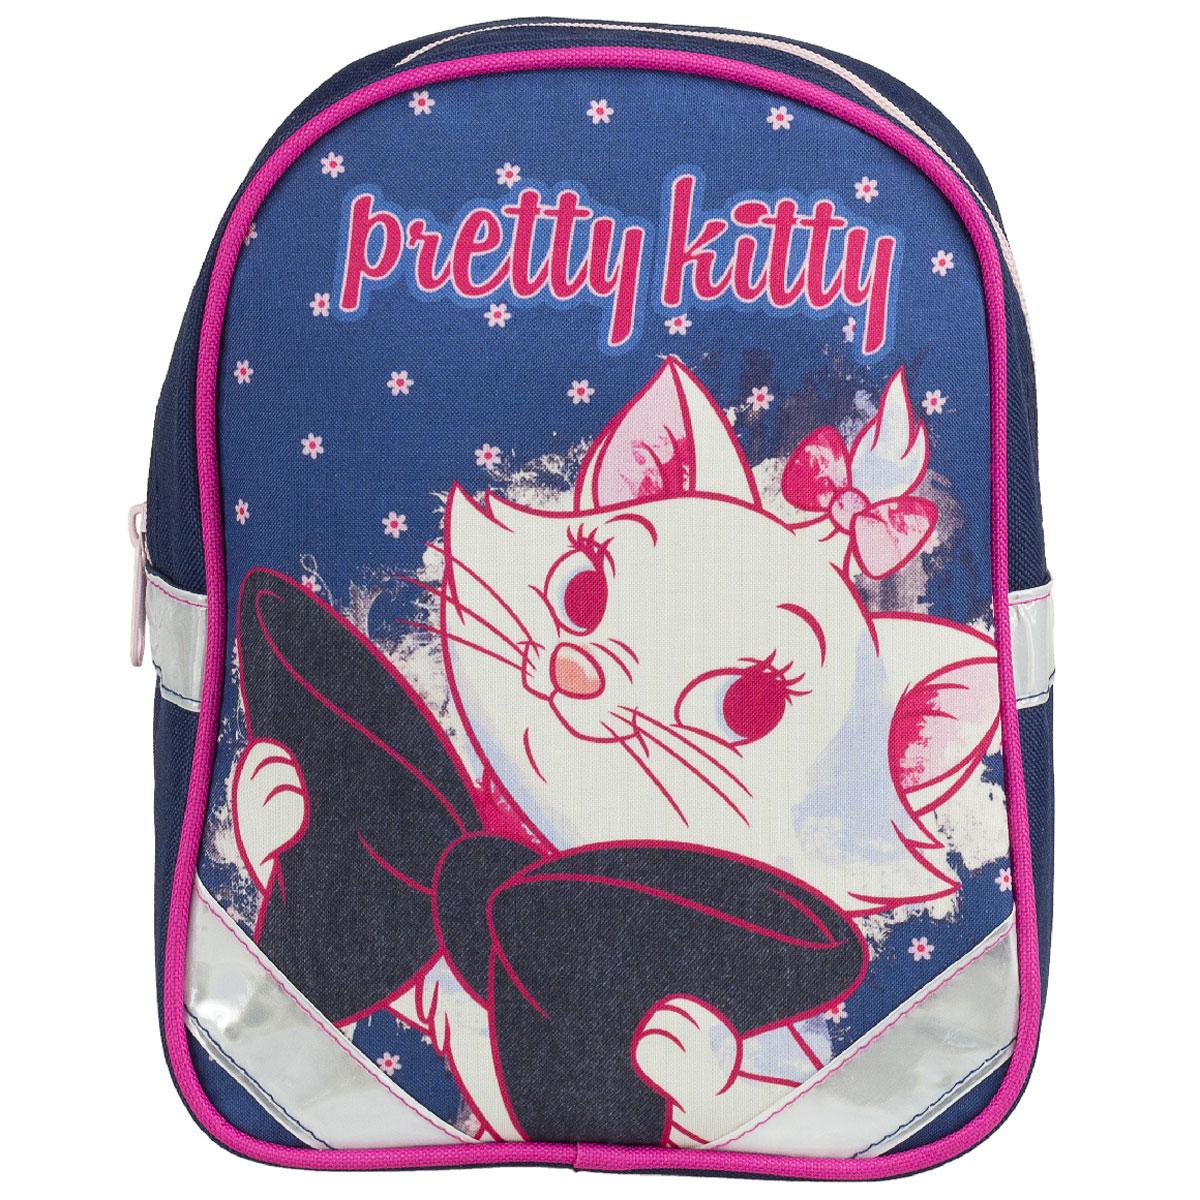 Рюкзак детский Kinderline Marie Cat, цвет: синий, белый, розовыйMCCB-UT1-511Рюкзак детский Kinderline Marie Cat выполнен из износоустойчивых материалов с водонепроницаемой основой, декорирован ярким рисунком. Рюкзак имеет одно вместительное основное отделение, закрывающееся на молнию.Ранец оснащен светоотражателями, удобной ручкой для переноски и двумя широкими лямками, регулируемой длины. С модным рюкзаком Marie Cat ваша малышка будет звездой! Стильный и продуманный до мелочей рюкзак позаботится о том, чтобы прогулки доставляли ребенку только удовольствие.